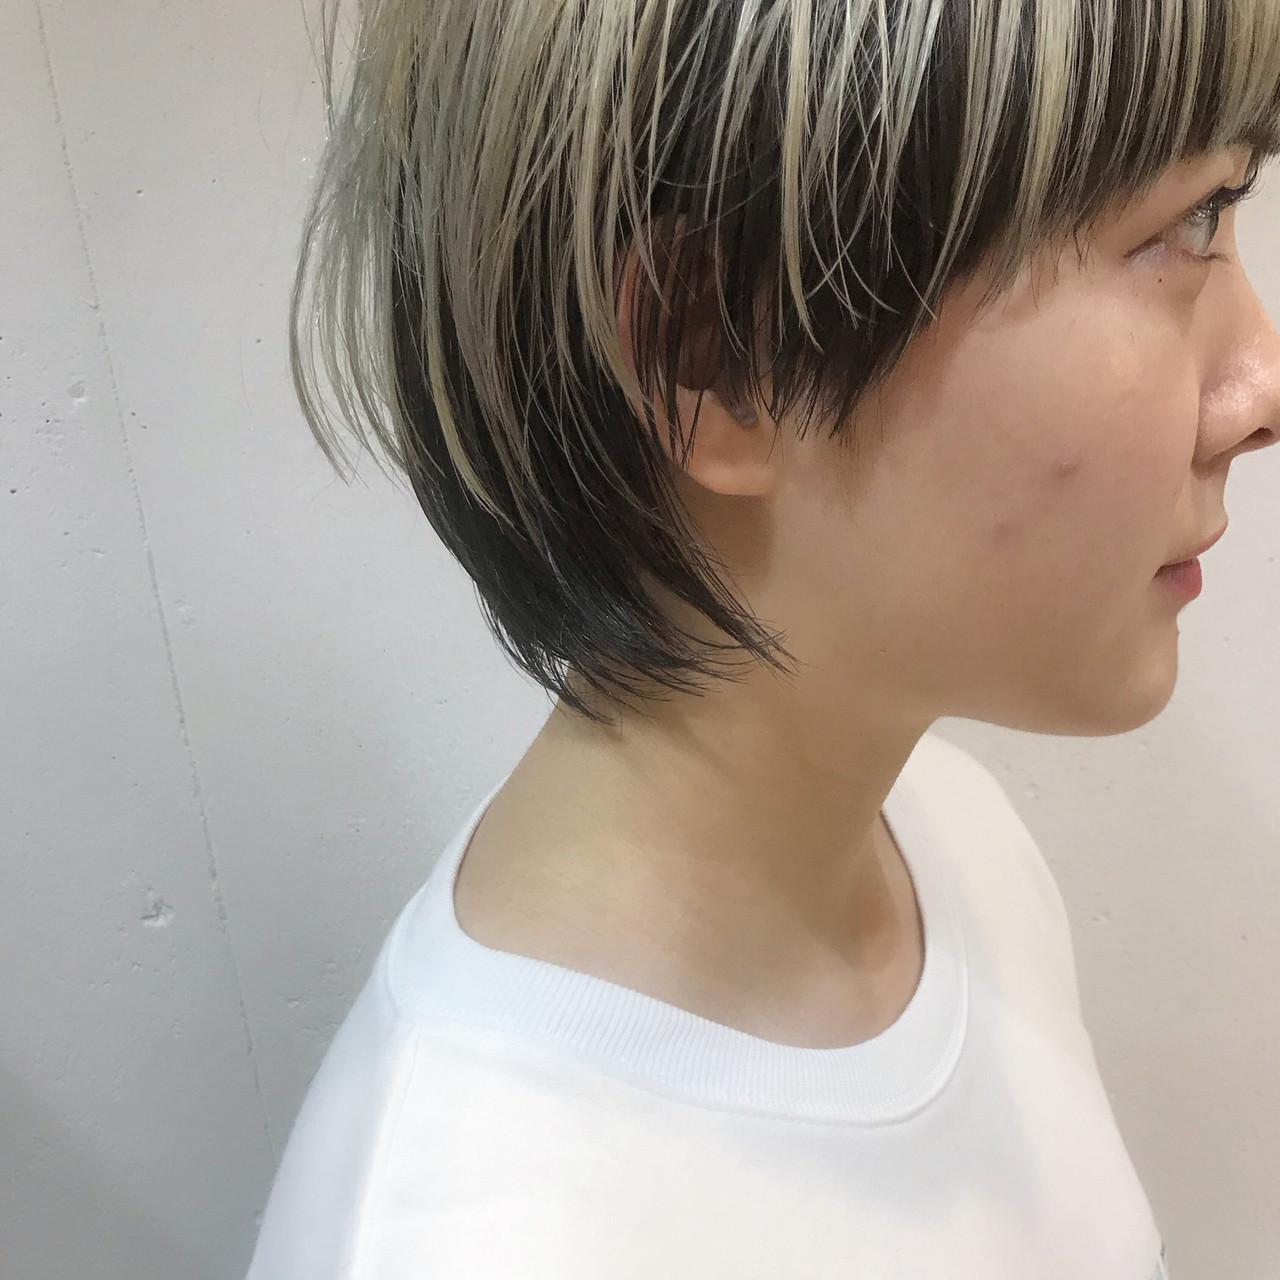 ショート 簡単ヘアアレンジ アウトドア 黒髪 ヘアスタイルや髪型の写真・画像 | bibito crew / bibito